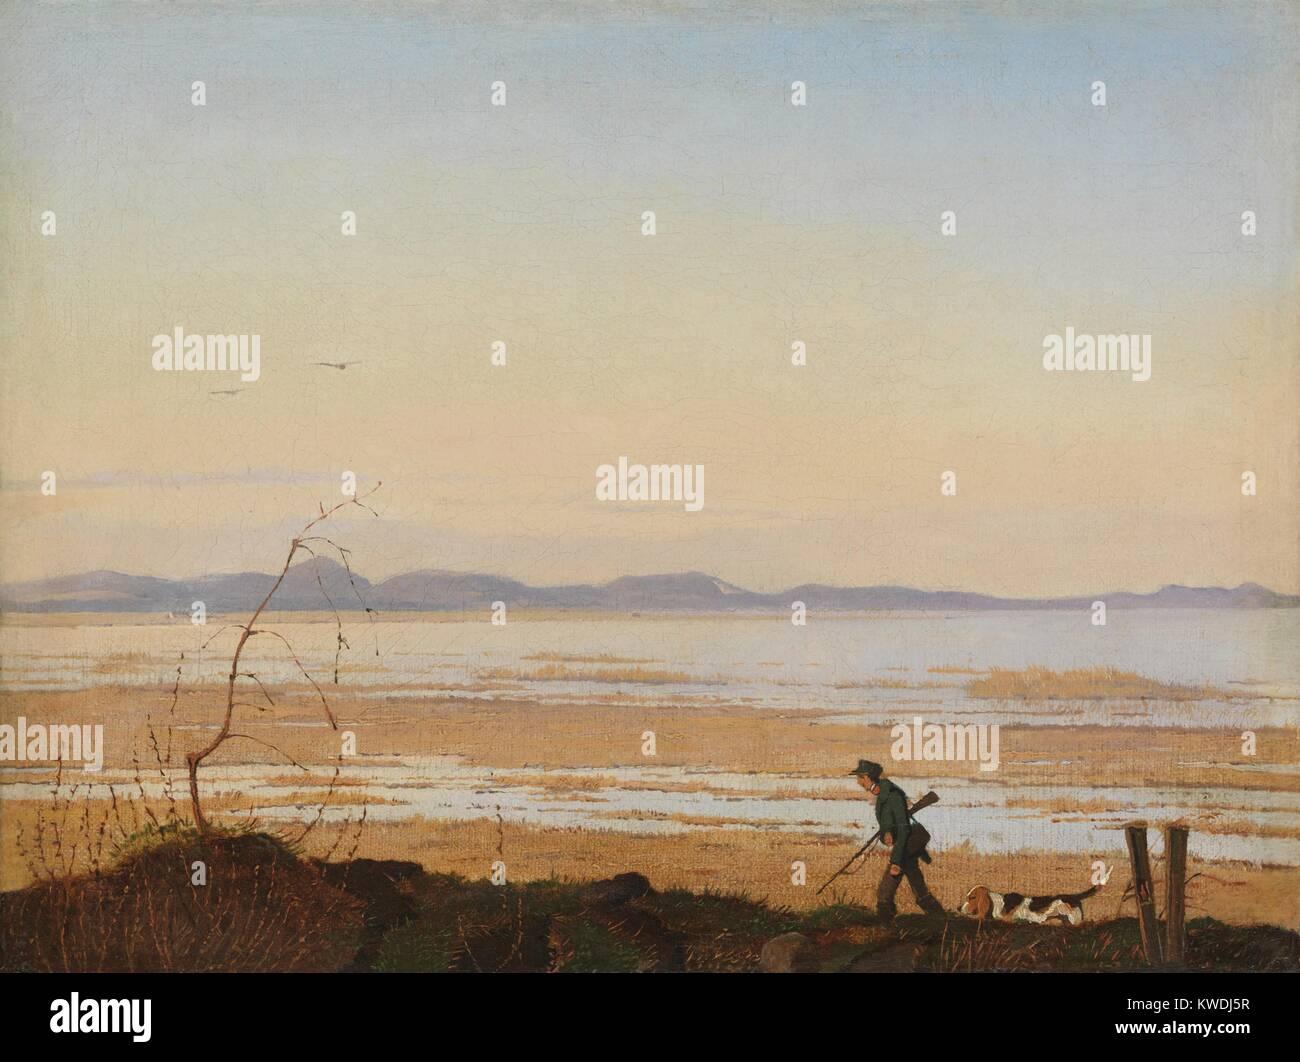 Ein Abend am See ARRESO, von Johan Thomas Lundbye, 1837, der Dänischen Malerei, Öl auf Leinwand. Landschaft Stockbild